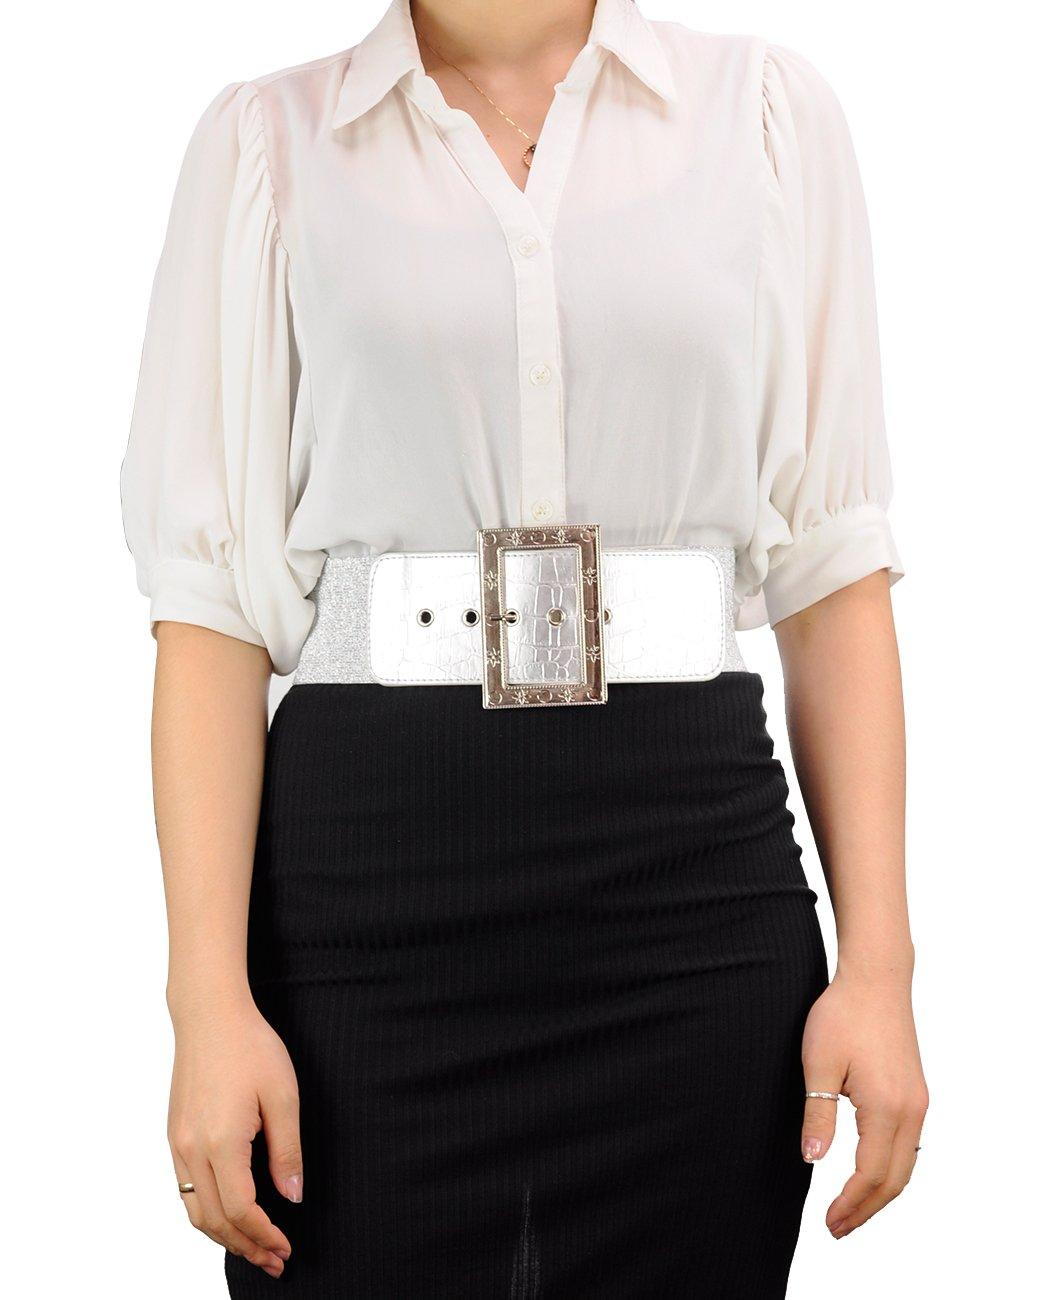 Women's Square Buckle Faux Leather Fashion Belt-EF23-Black-L